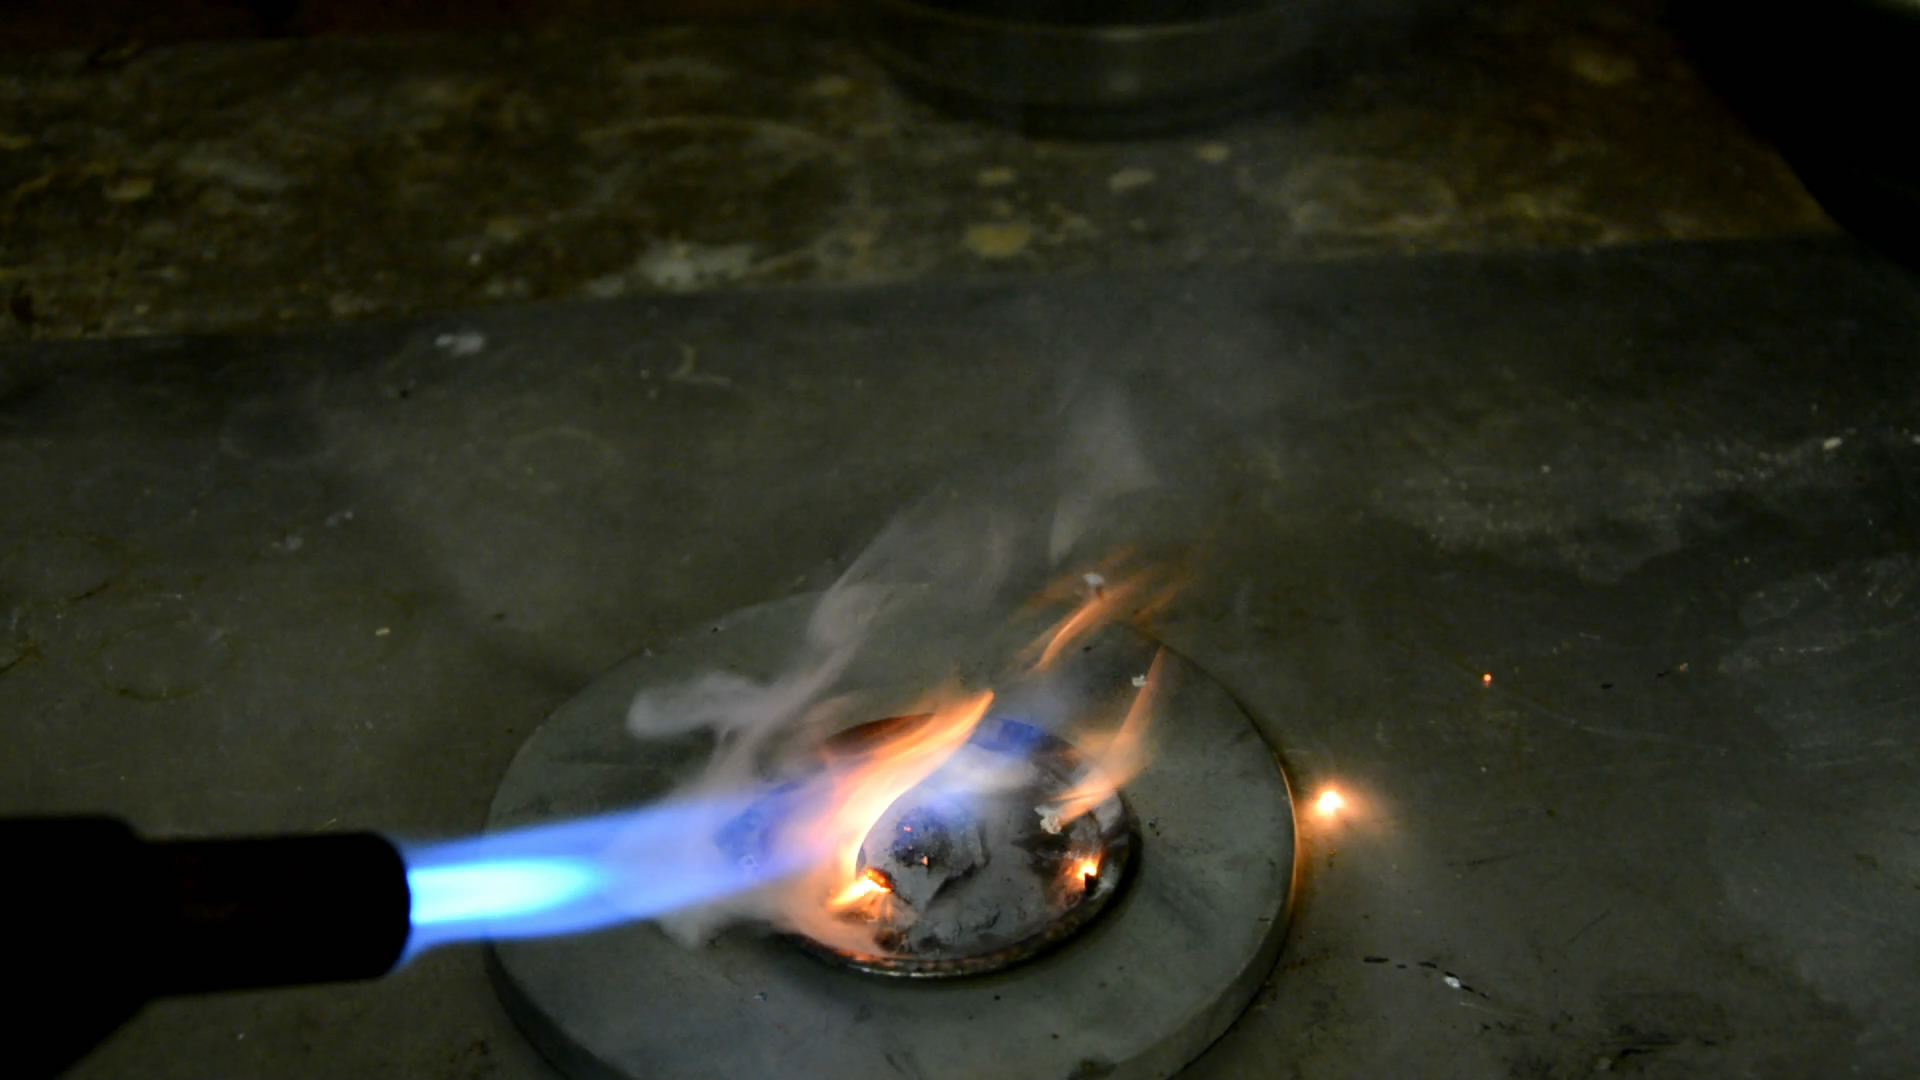 Цинковый вулкан (горение смеси тетрахлорида углерода и цинковой пыли)